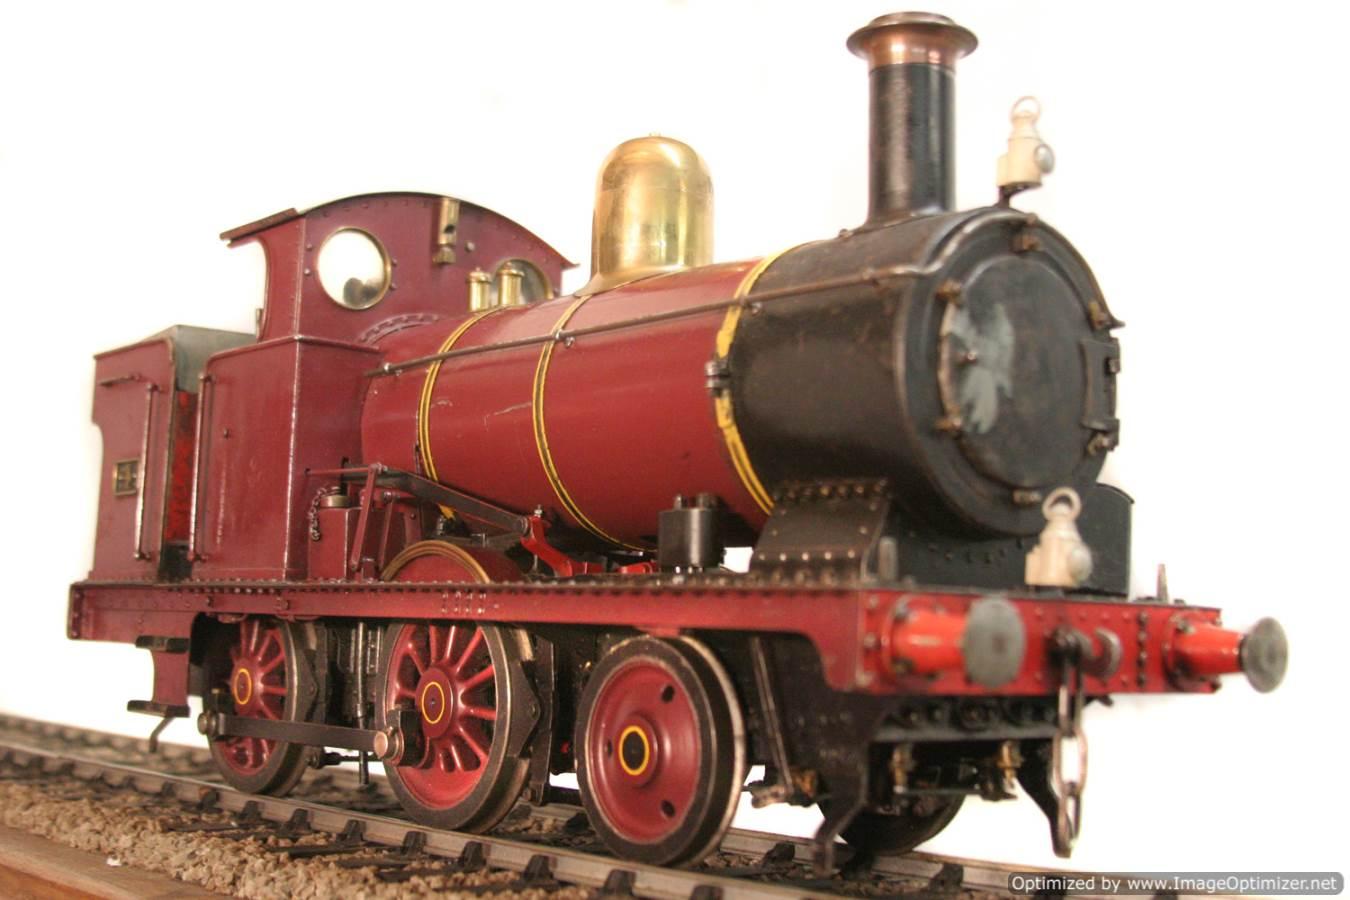 test Gem locomotive for sale 05 Optimized